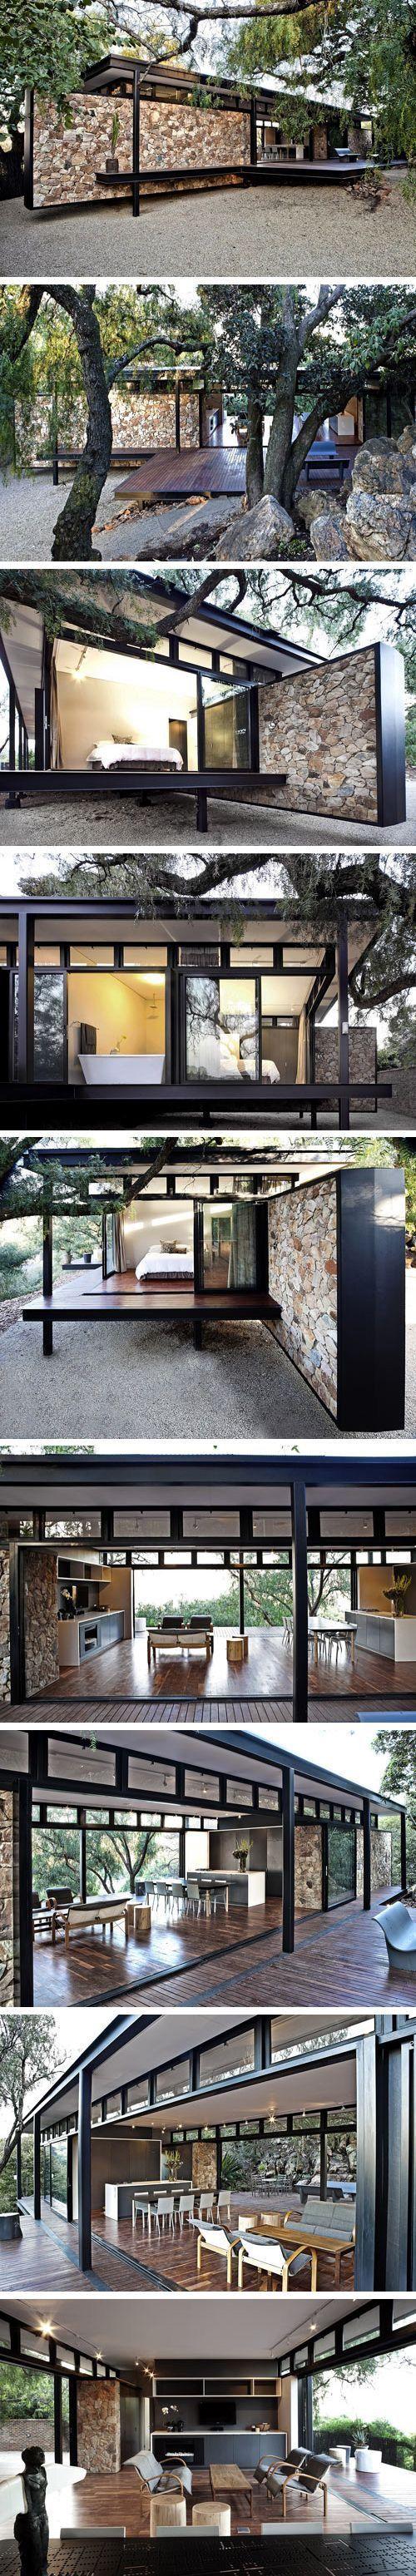 Deja Que la belleza y la armonía de tu casa se mezcle en el interior del campo y te entregue la calma y armonía de la naturaleza, diseña y construye con nosotros